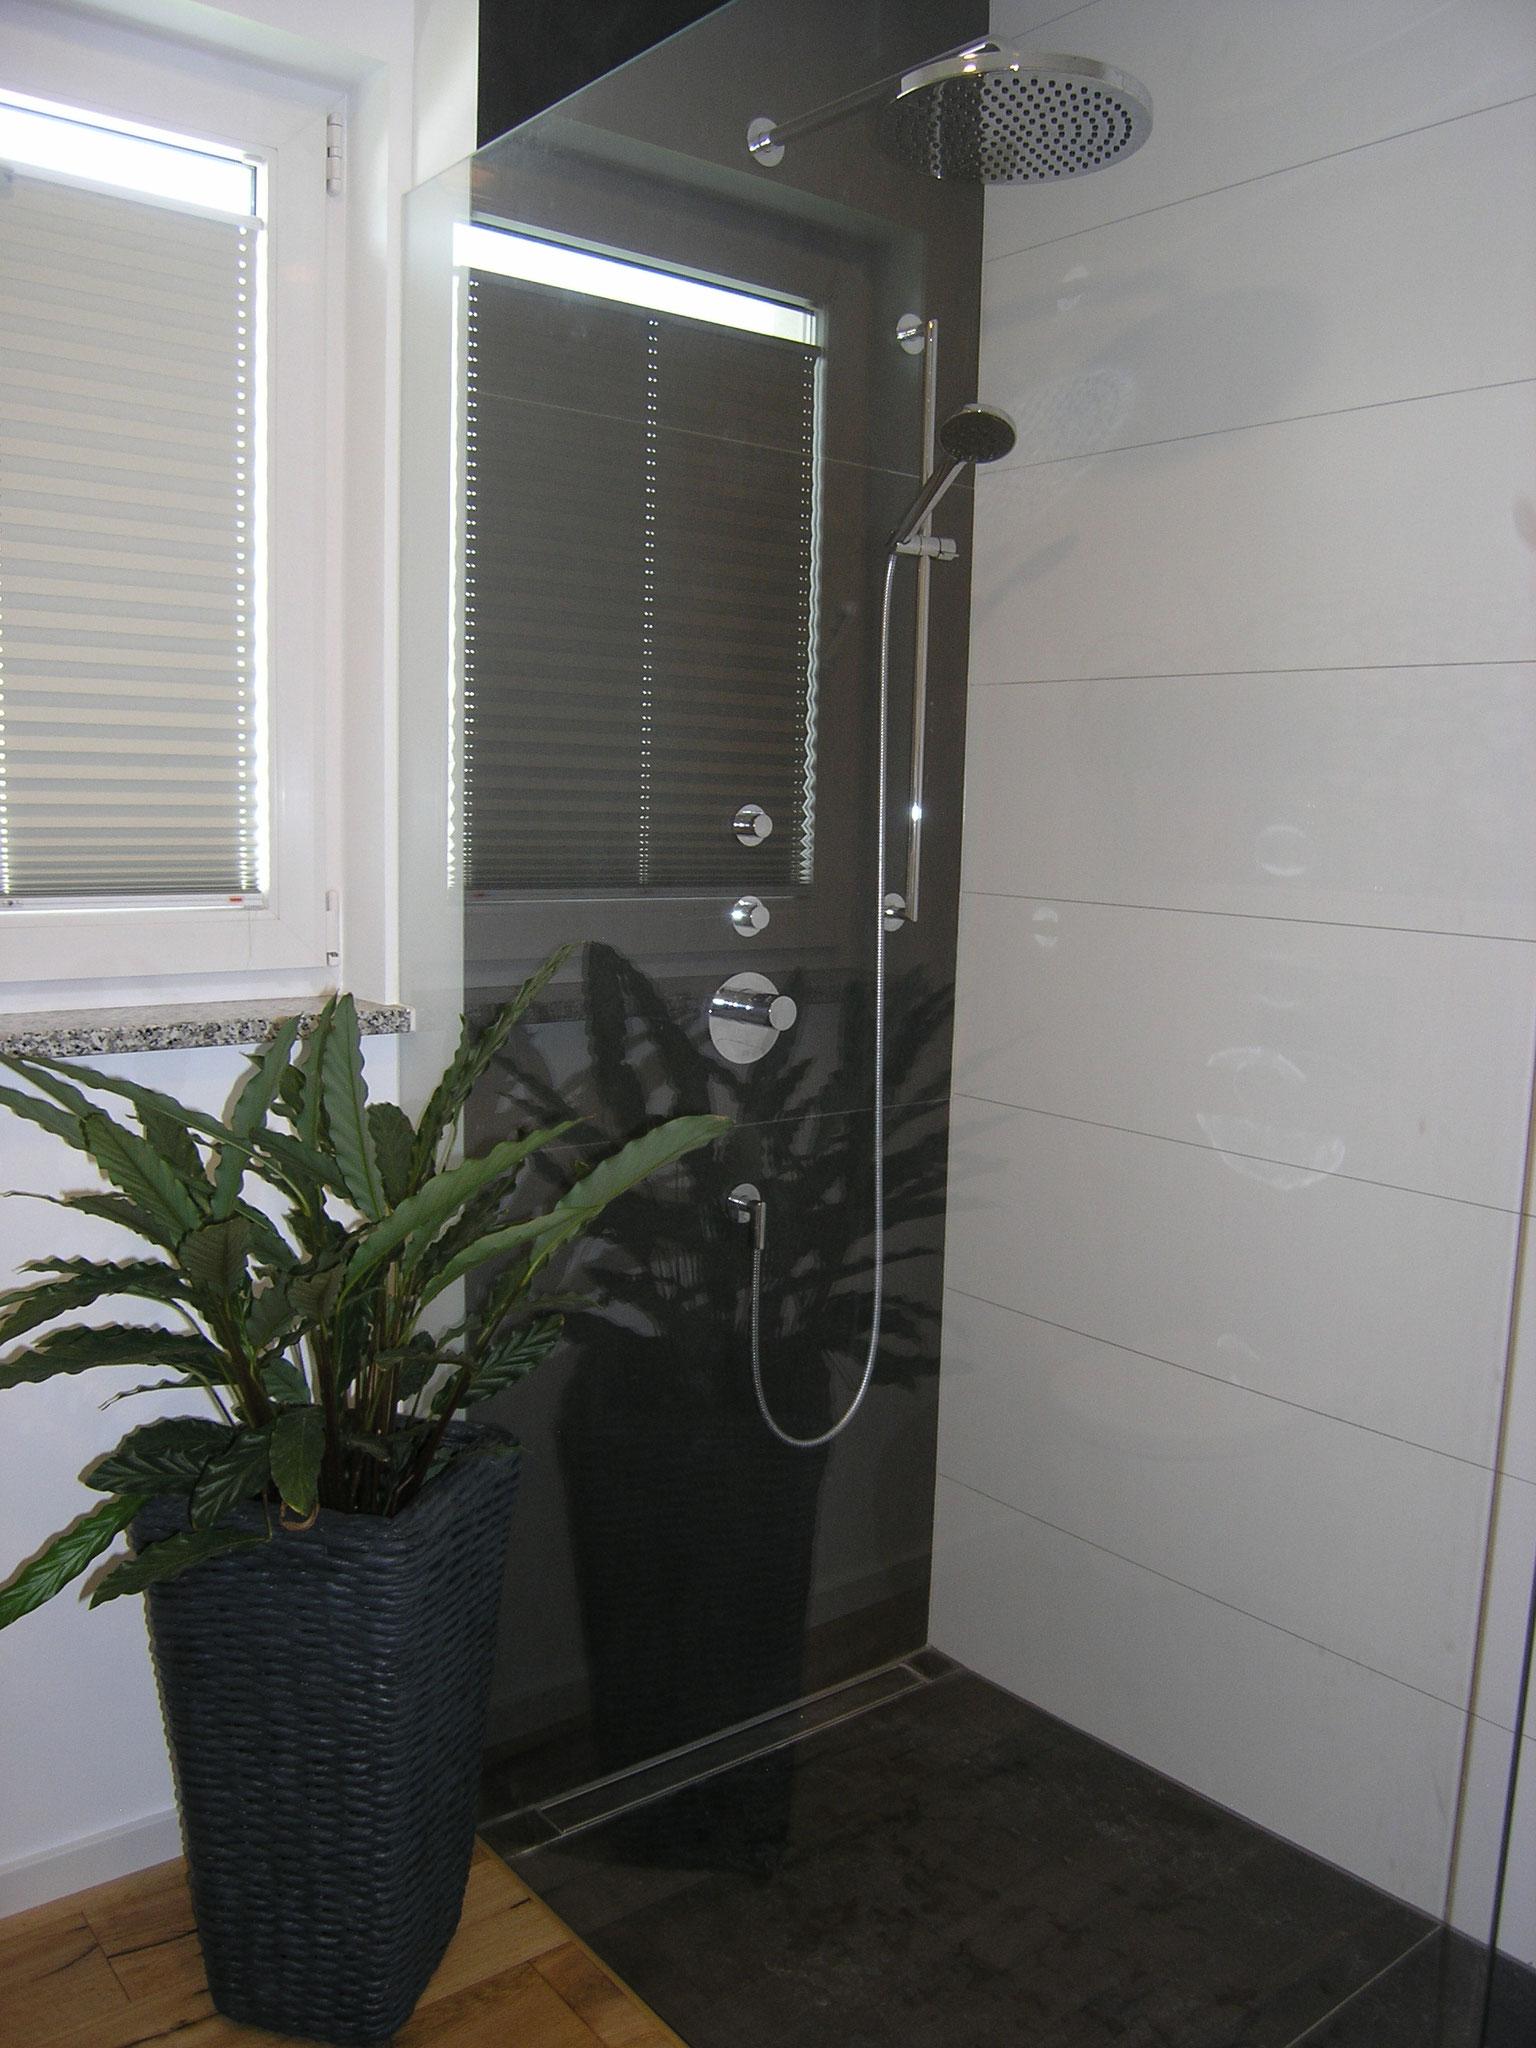 Duschbad : Glasscheibe ohne Schienen und Beschläge